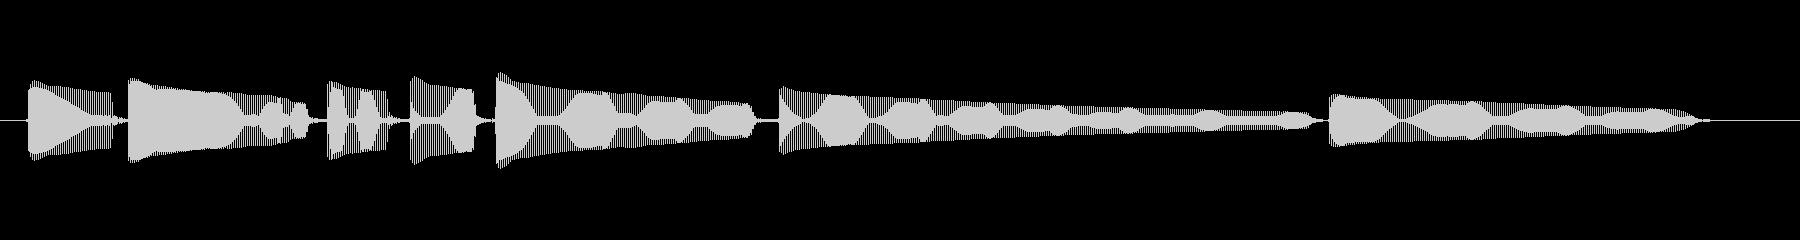 エレキギター5弦チューニング2の未再生の波形